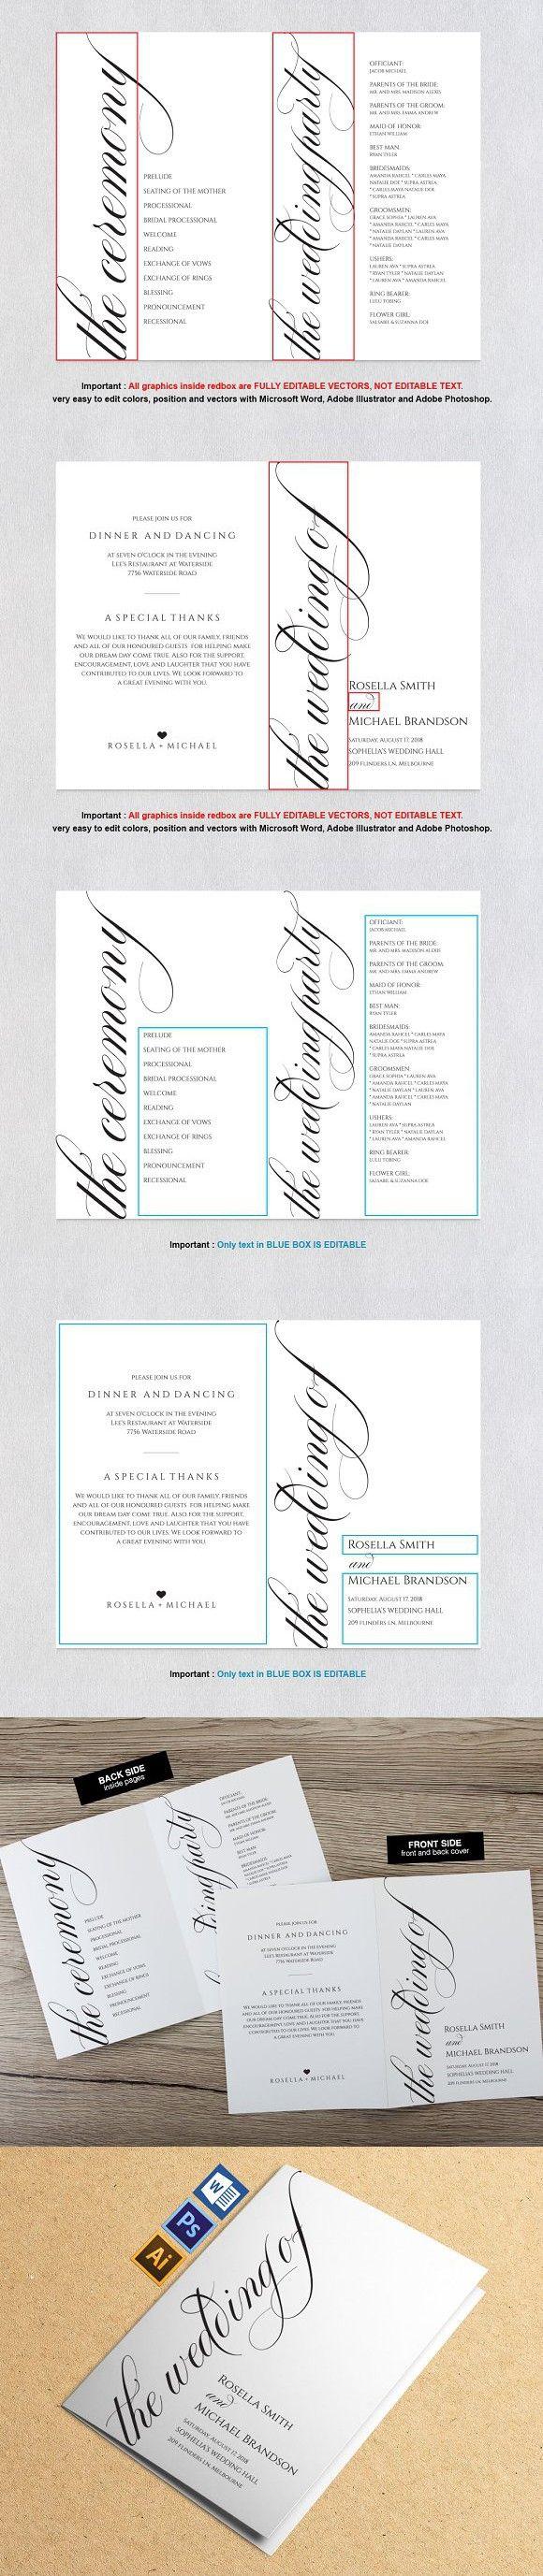 Ausgezeichnet Hochzeitsprogramm Vorlage Wort Zeitgenössisch ...